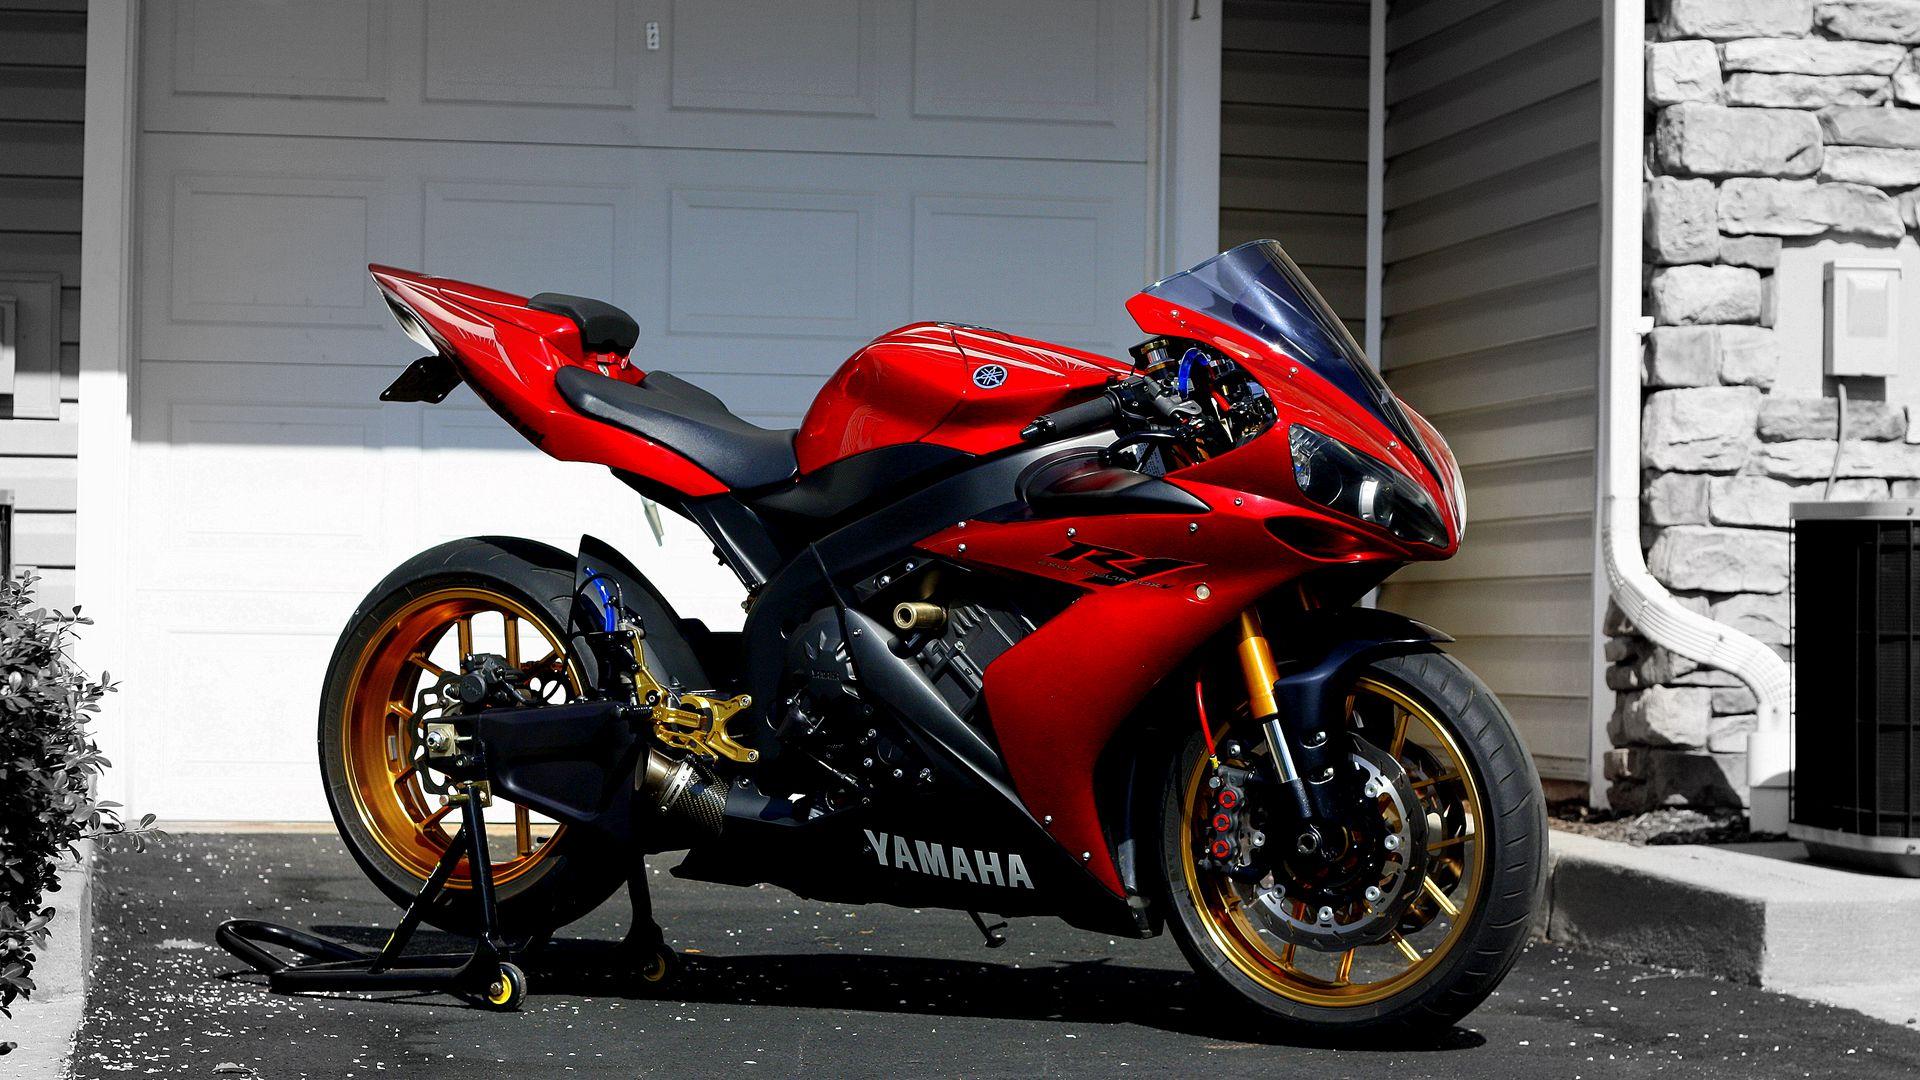 Pe Două Roți | Yamaha Pe Două Roți Motoare/ Scuter